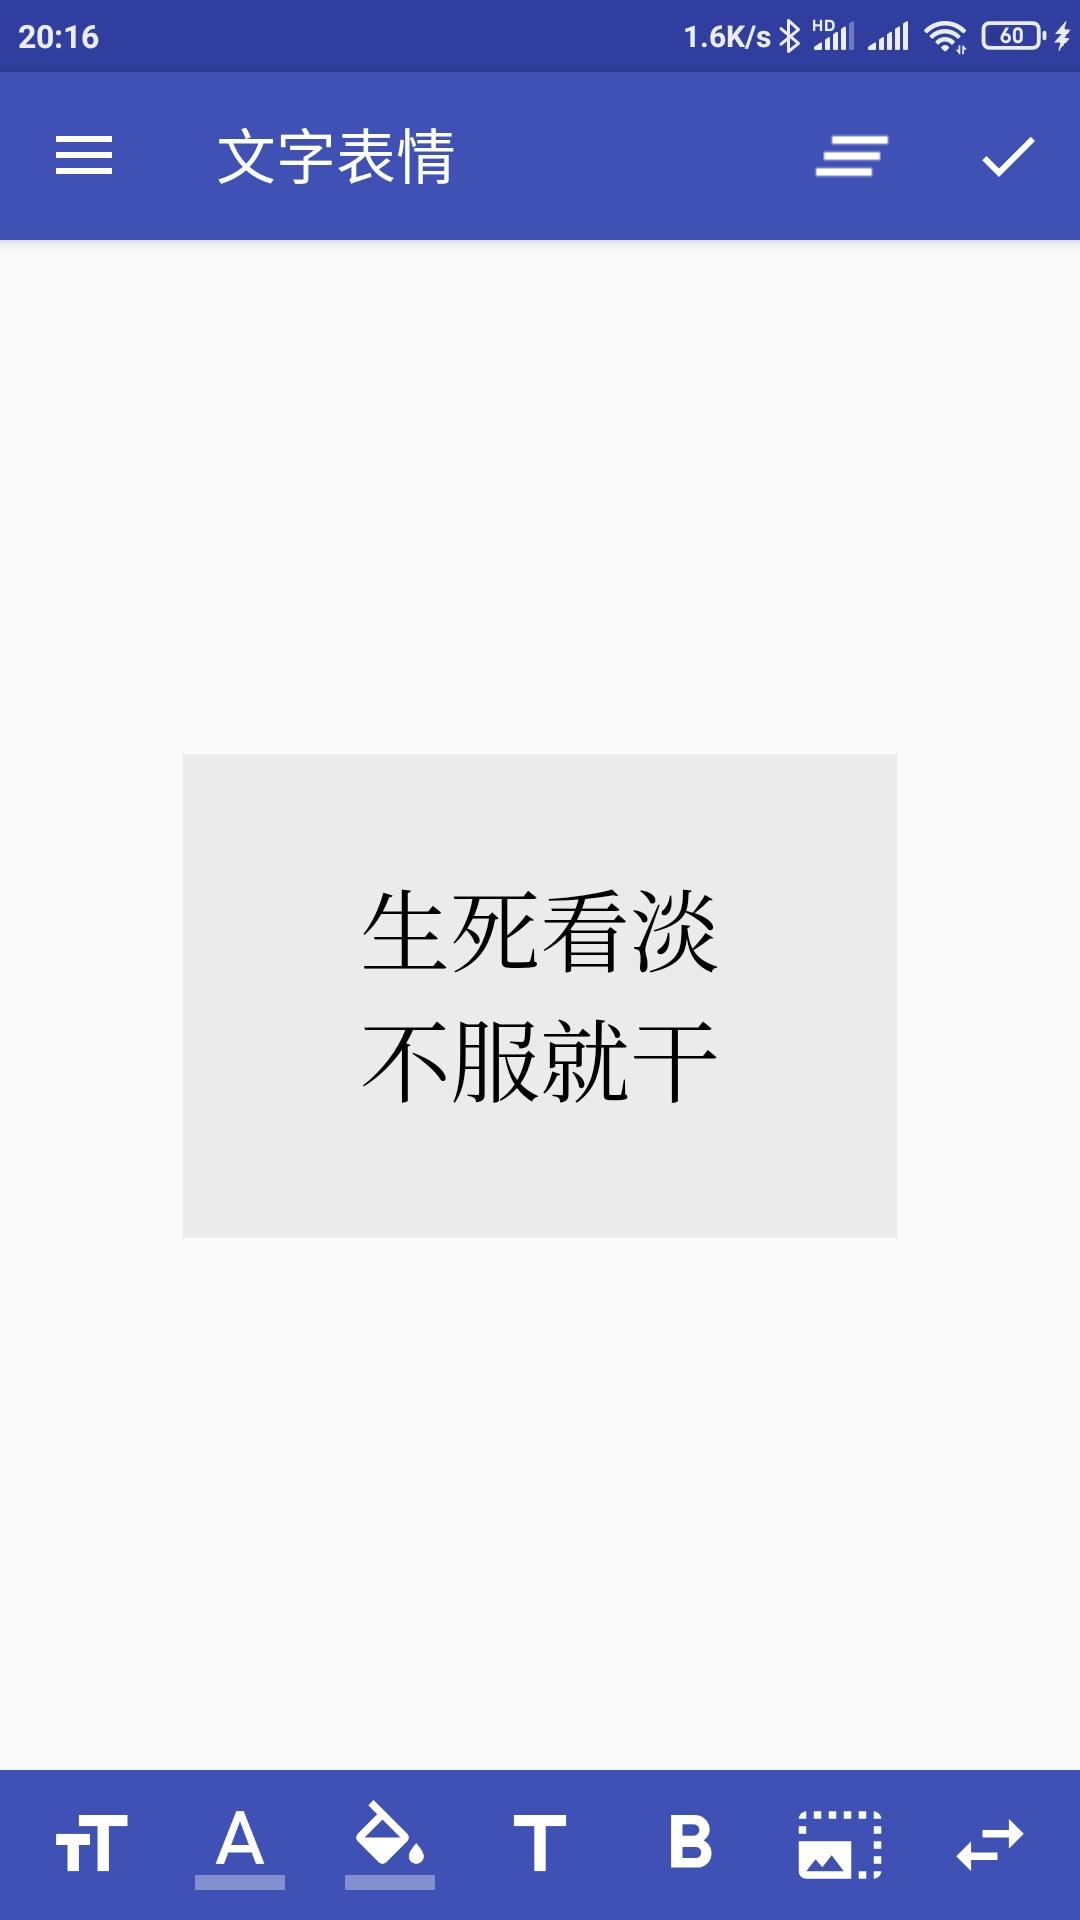 【分享】文字表情制作器v1.2.3——去广告版